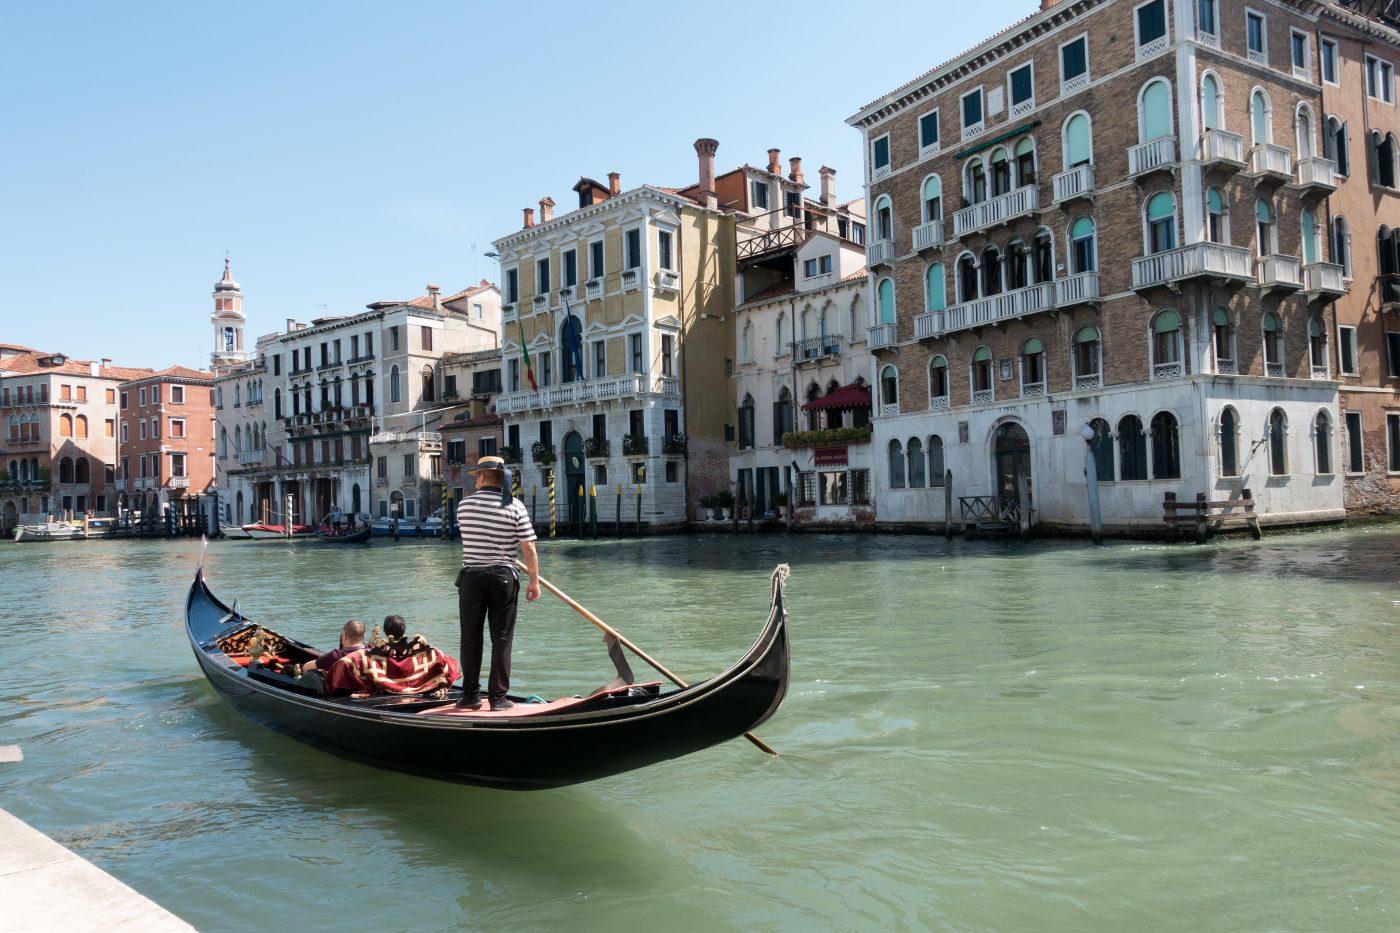 Schwarze Gondel mit Gondoliere auf einem Kanal in Venedig